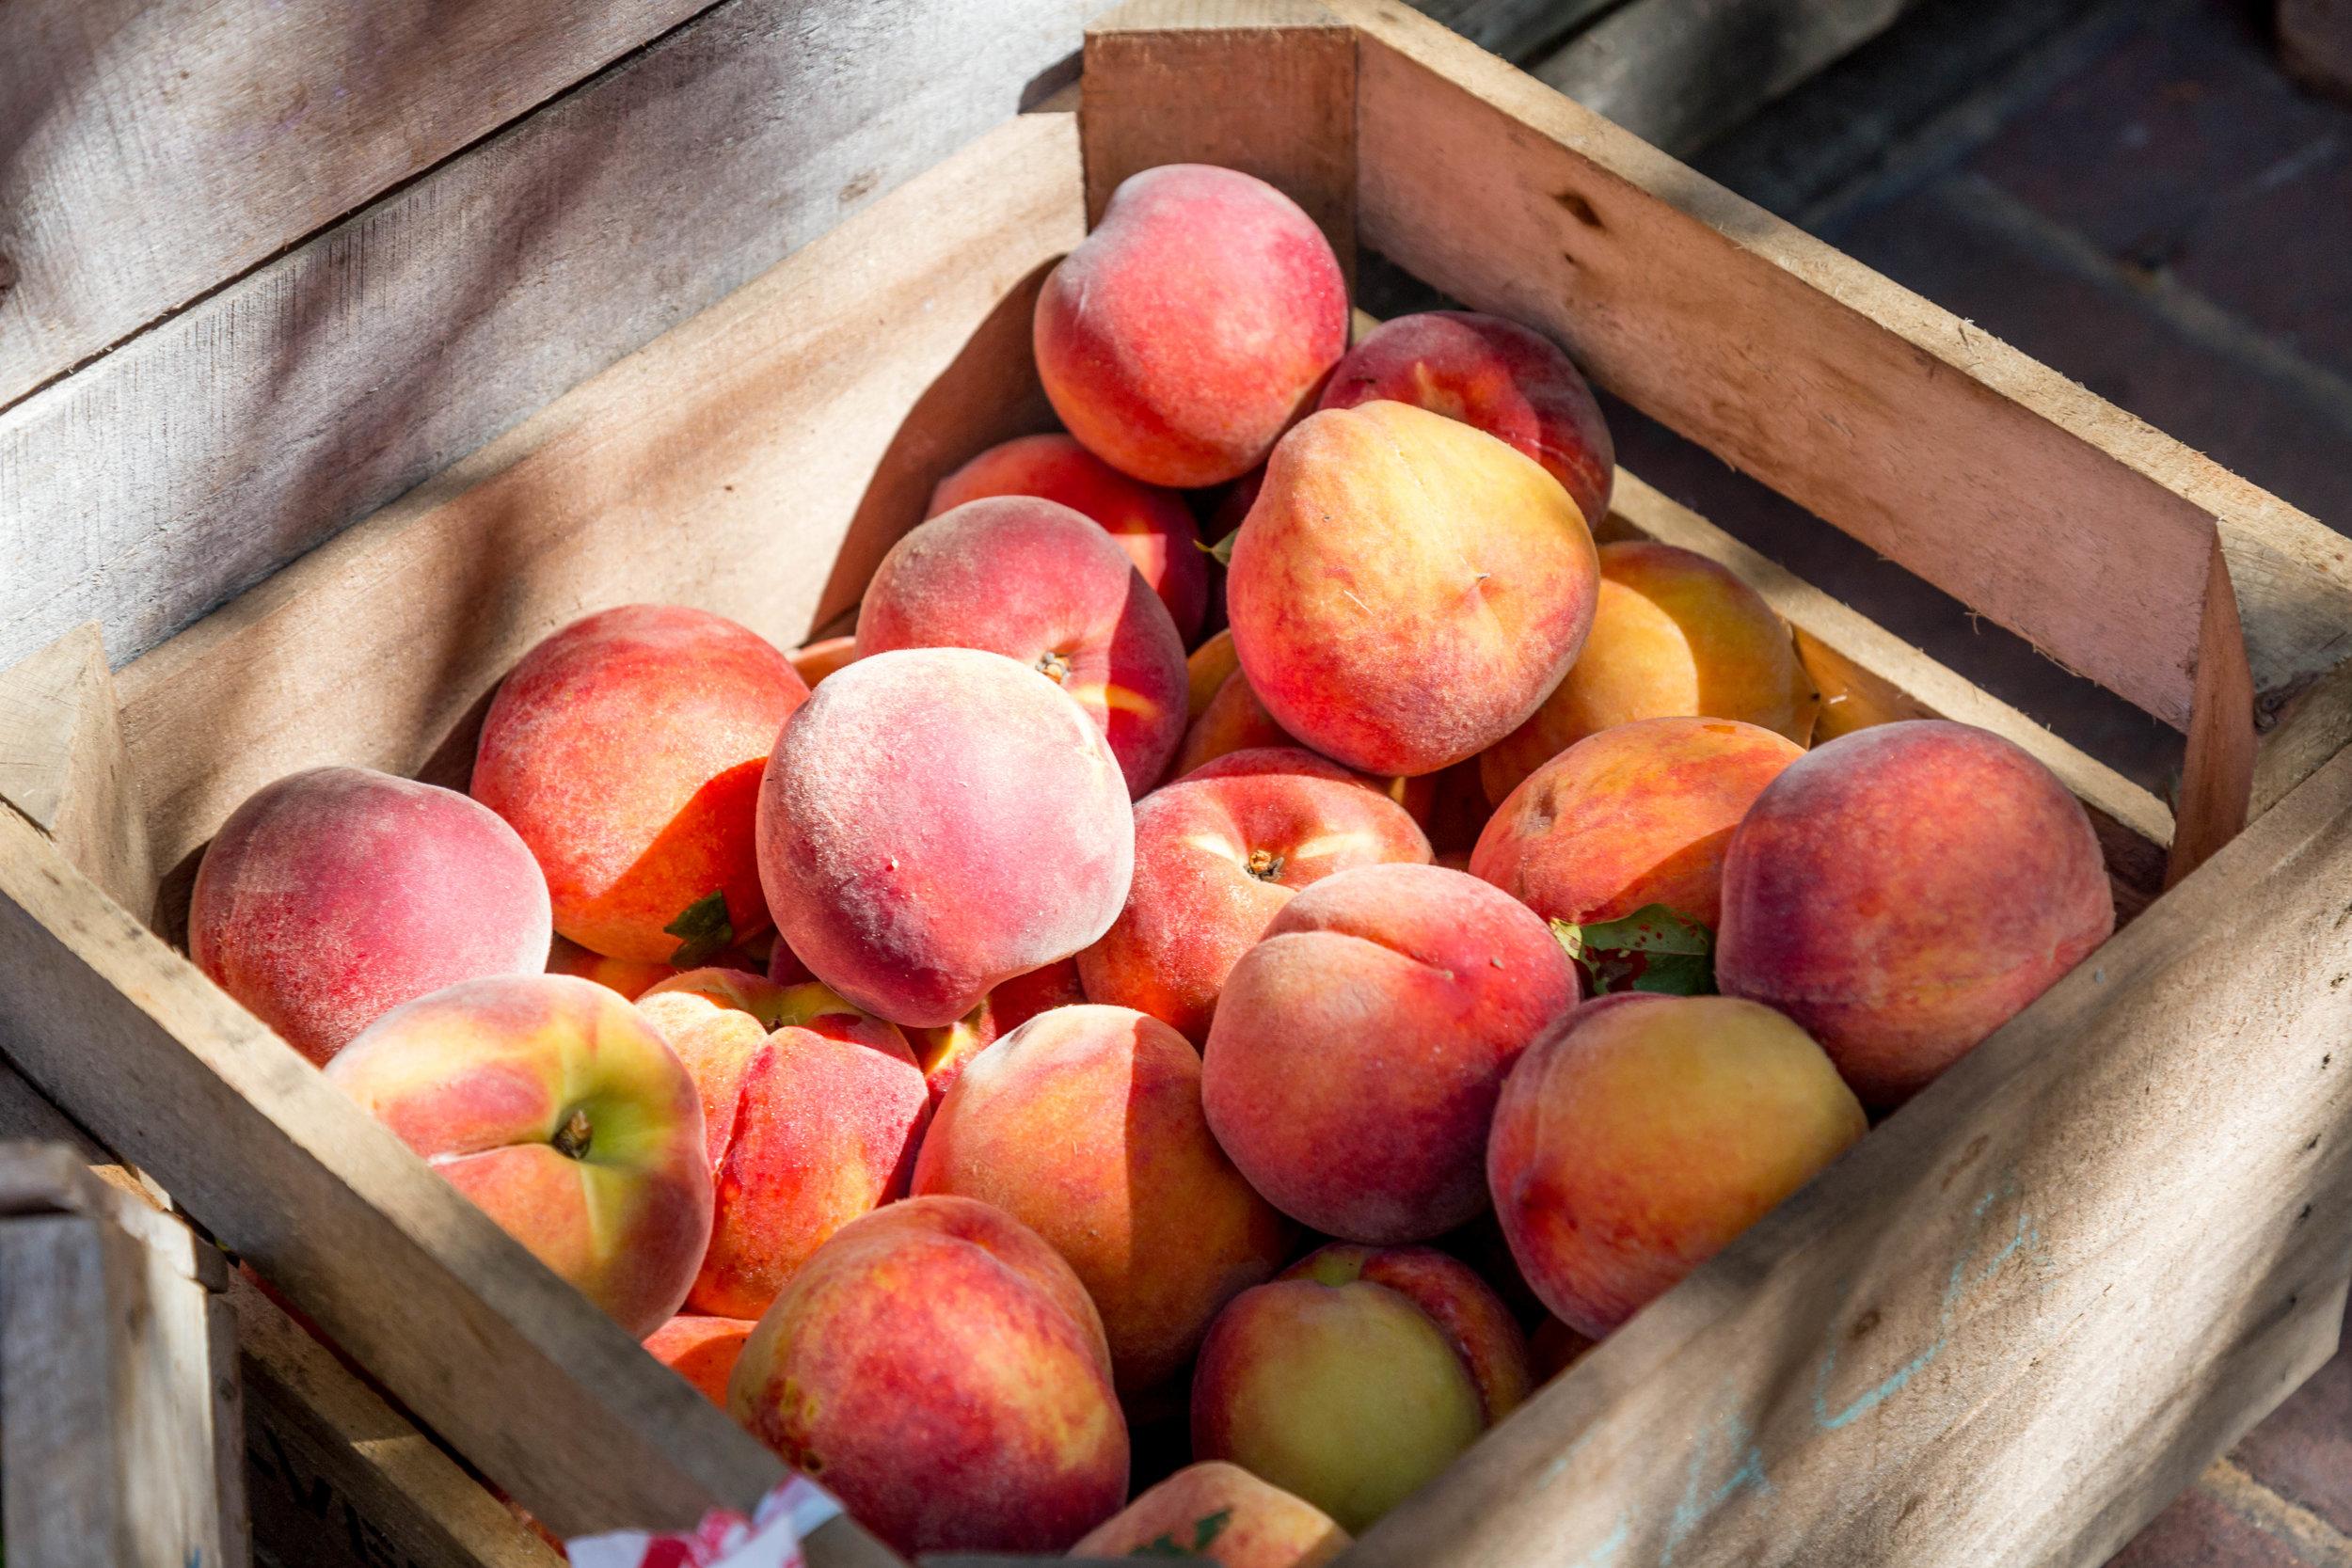 peach-Pfirsich-sommer-obst-früchte-fruit